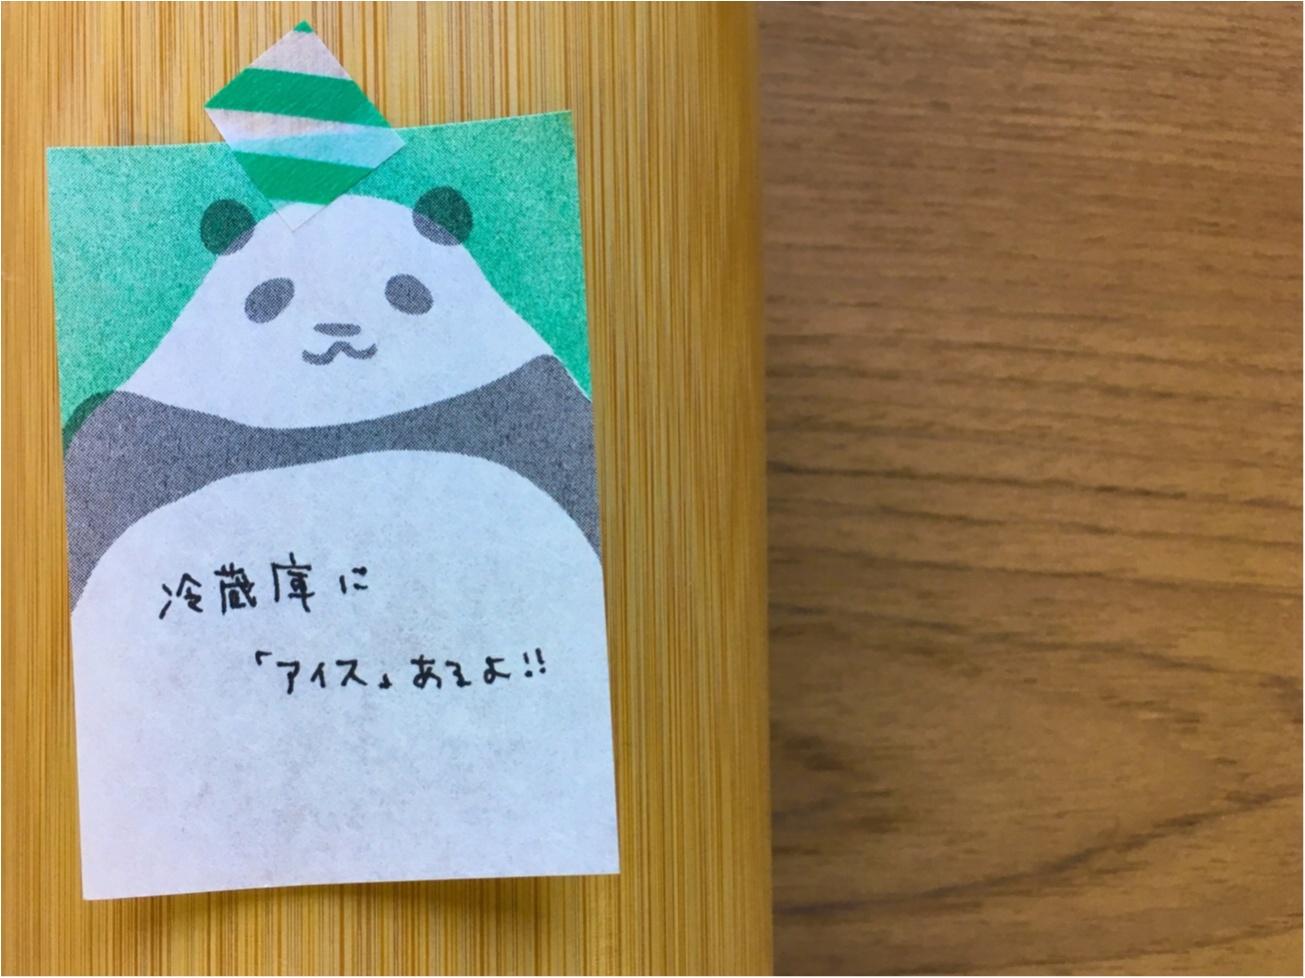 【上野/シャンシャン公開記念❁】上野駅・駅ナカでGETできるパンダグッズがとってもキュート♡♡_2